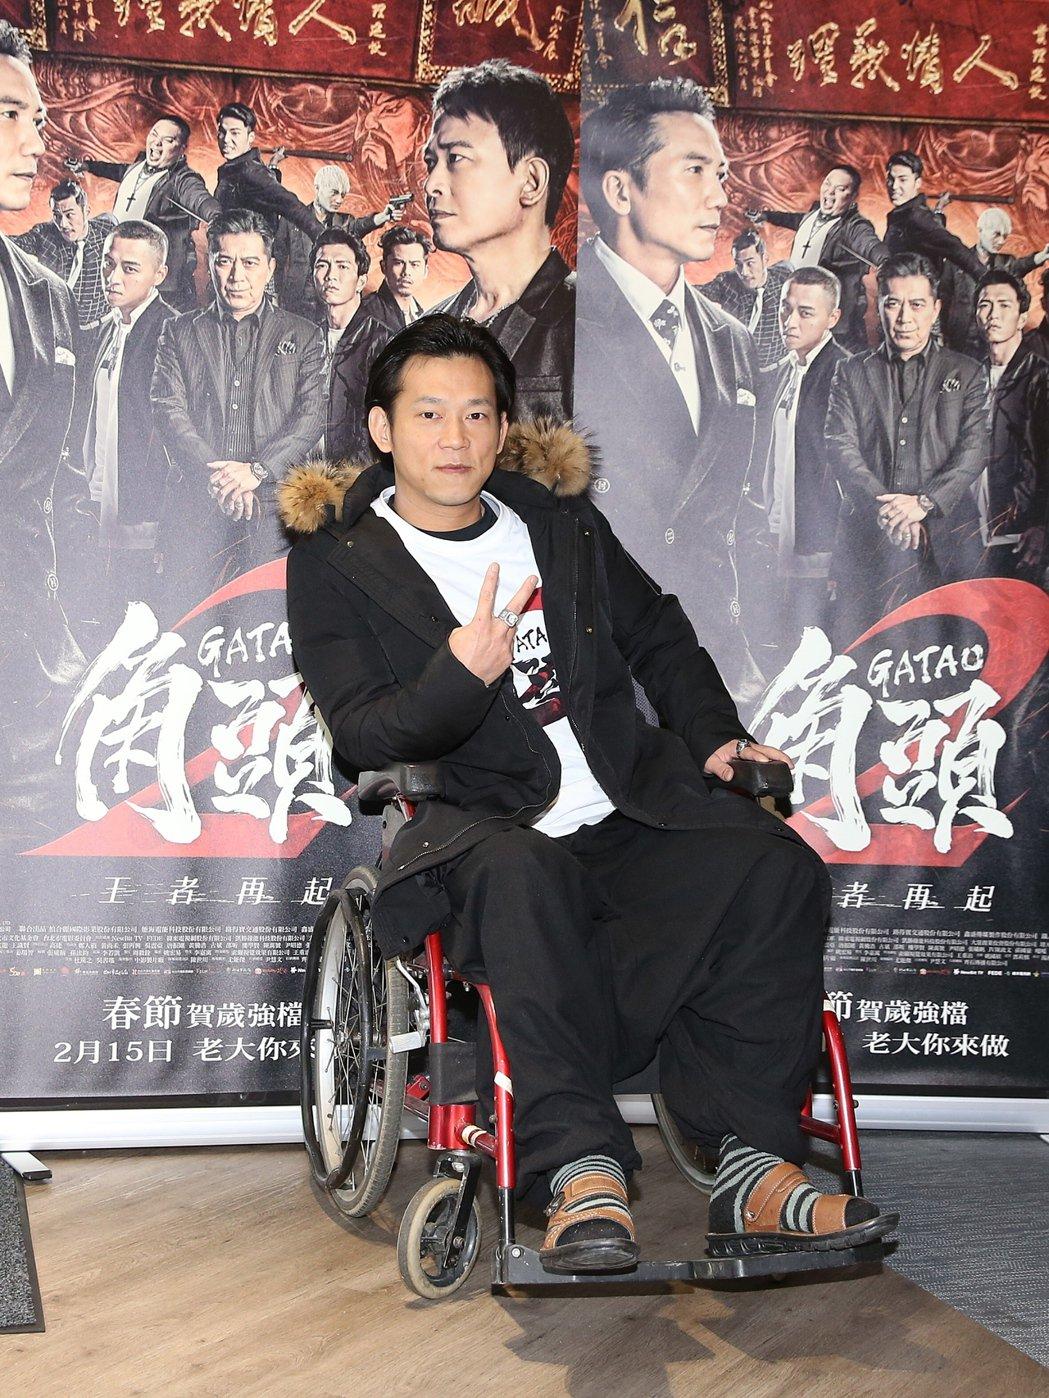 電影「角頭2」,導演顏正國。記者楊萬雲/攝影